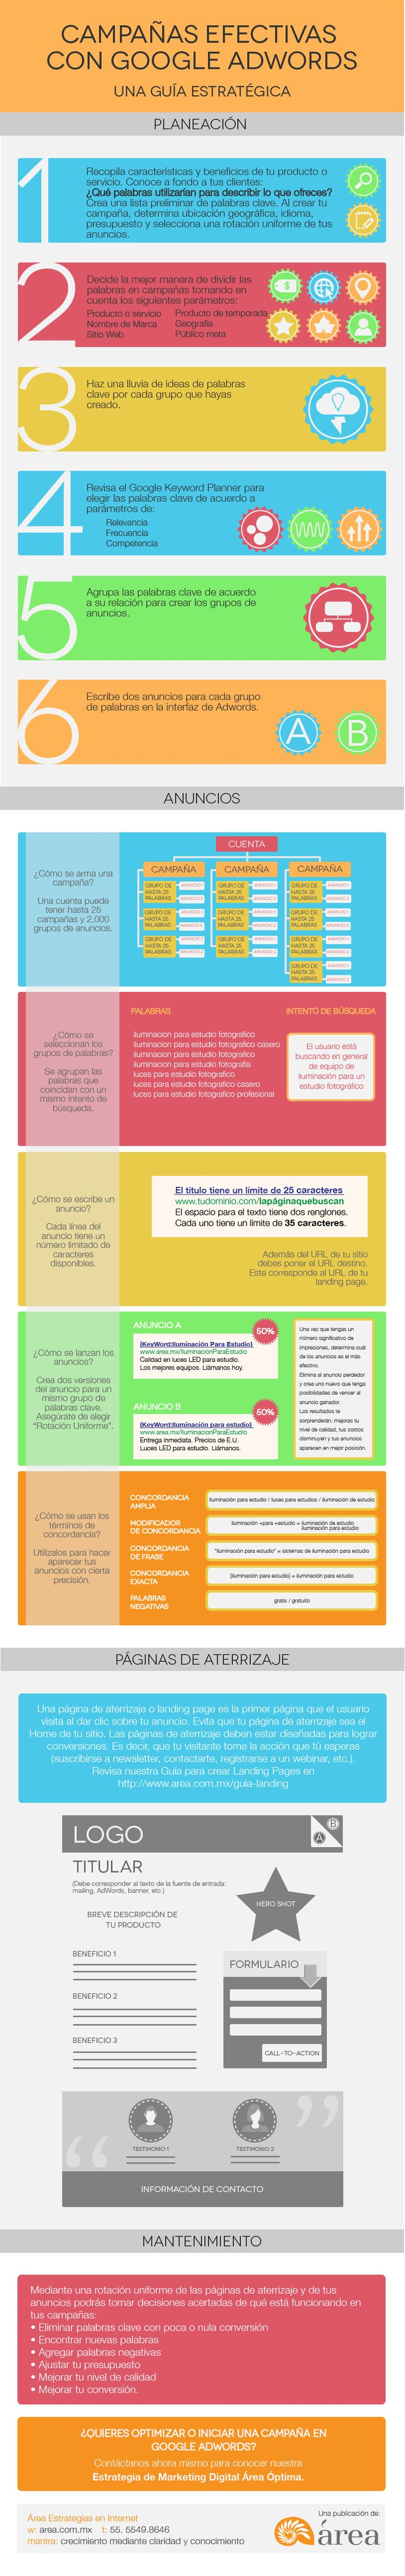 Campañas efectivas de Google Adwords #ads #marketing